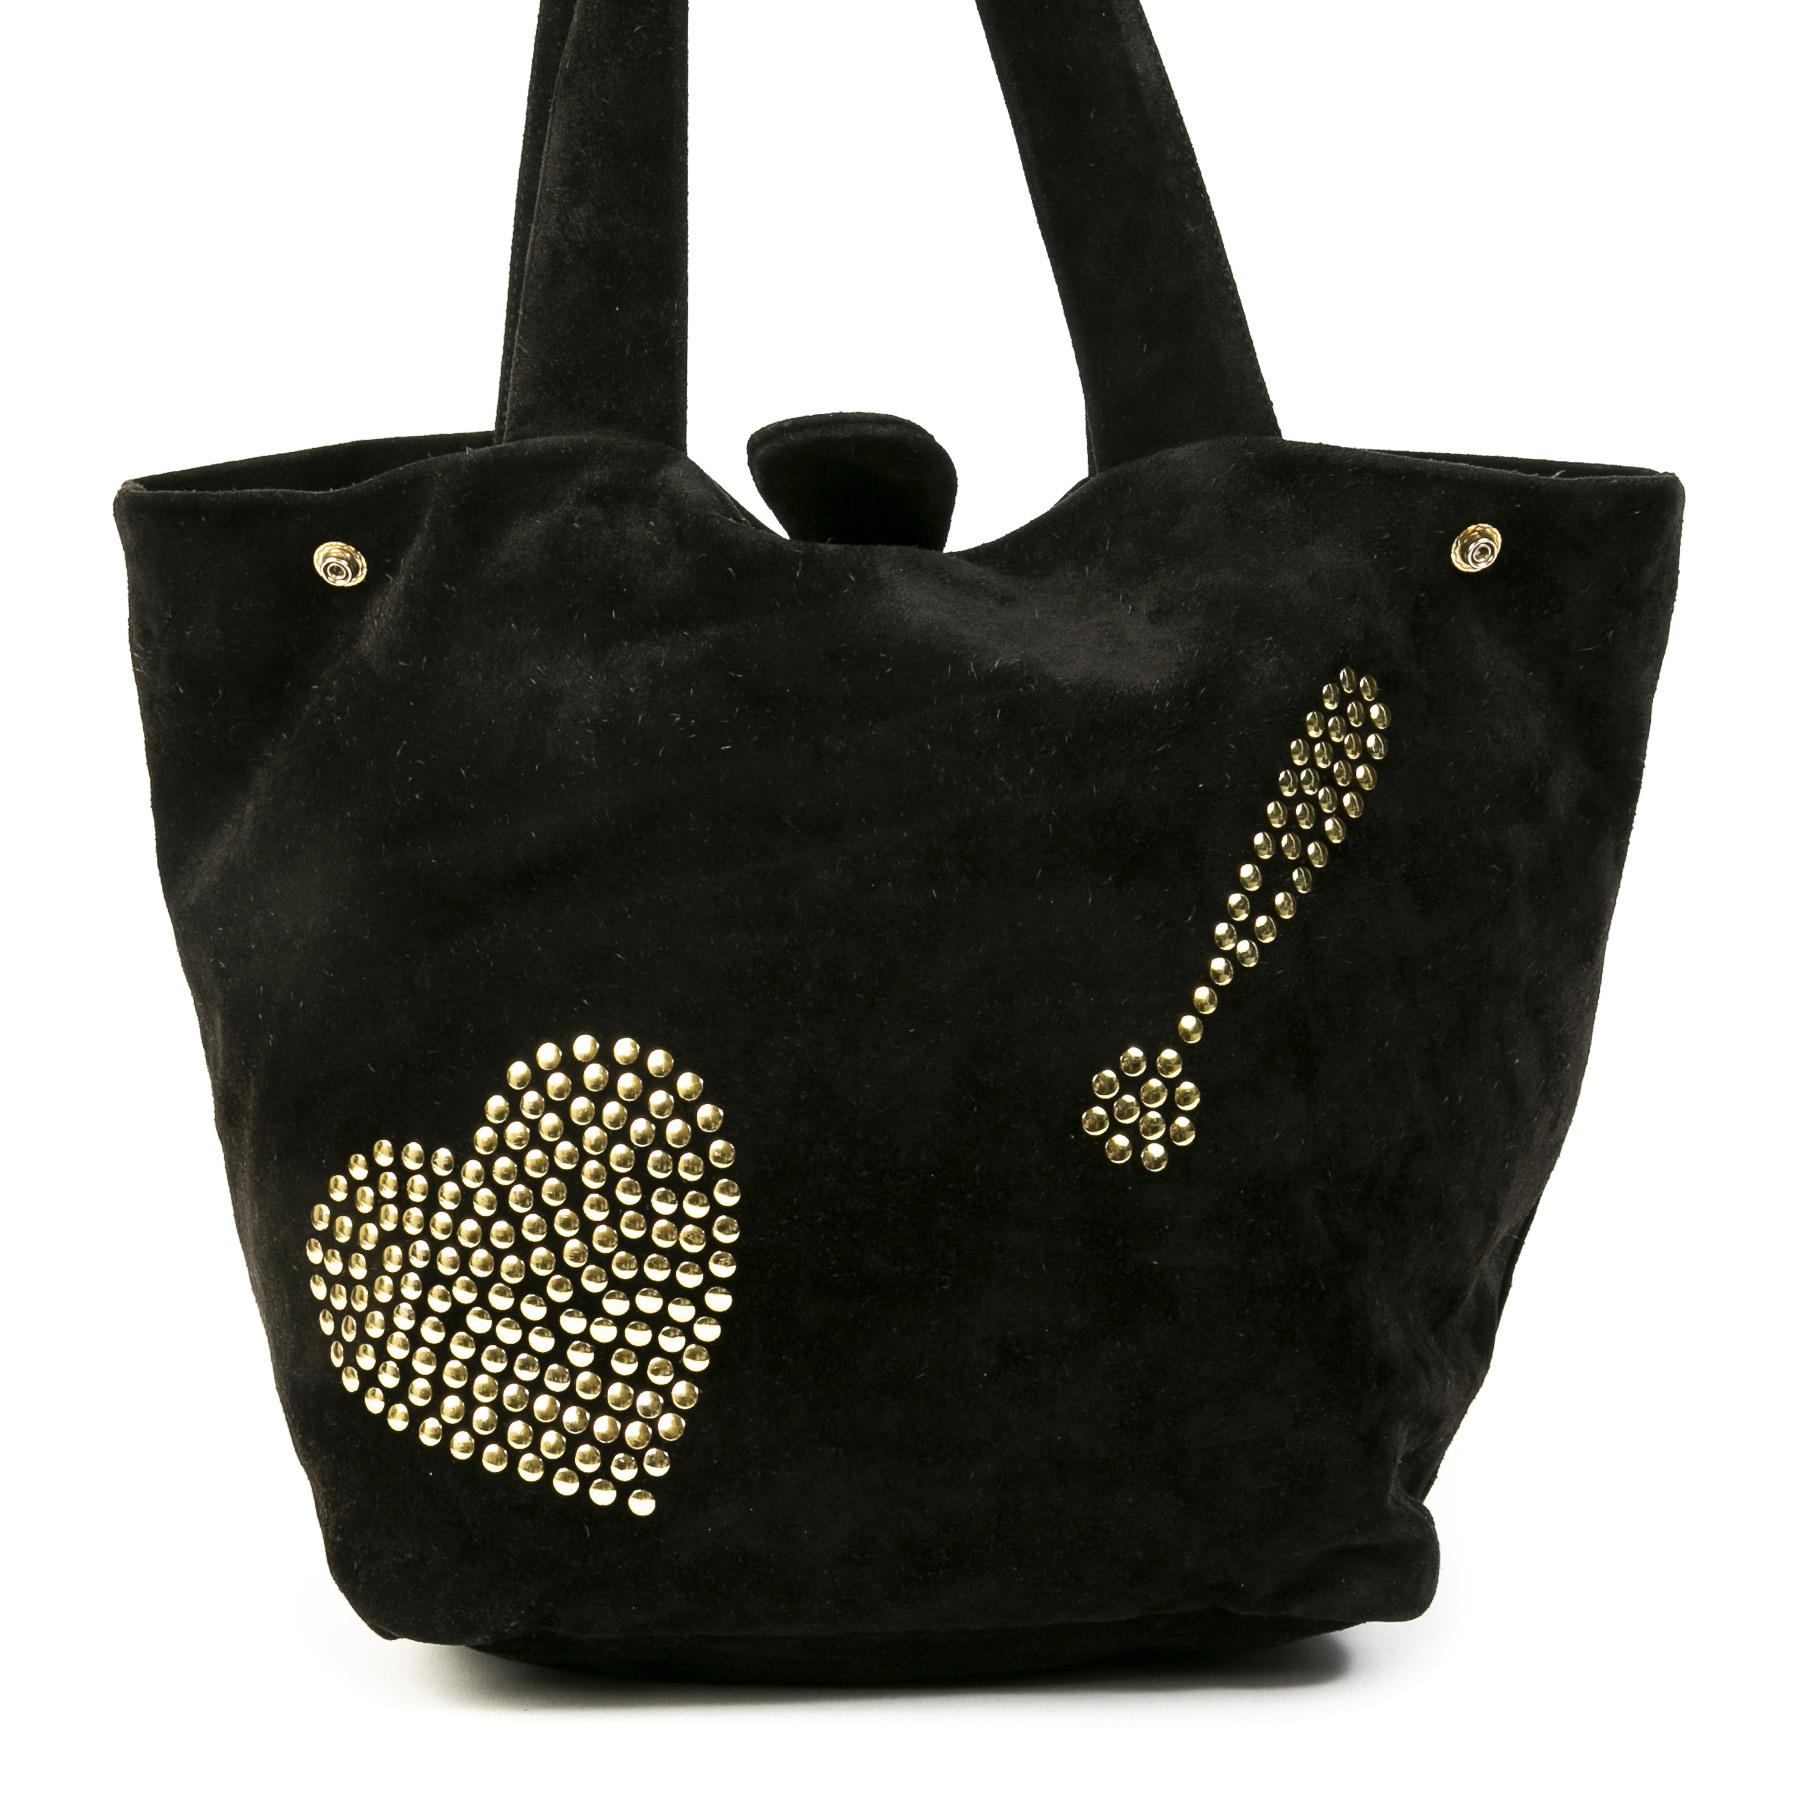 Authentieke Tweedehands Moschino Suede Studded Shoulder Bag juiste prijs veilig online shoppen luxe merken webshop winkelen Antwerpen België mode fashion